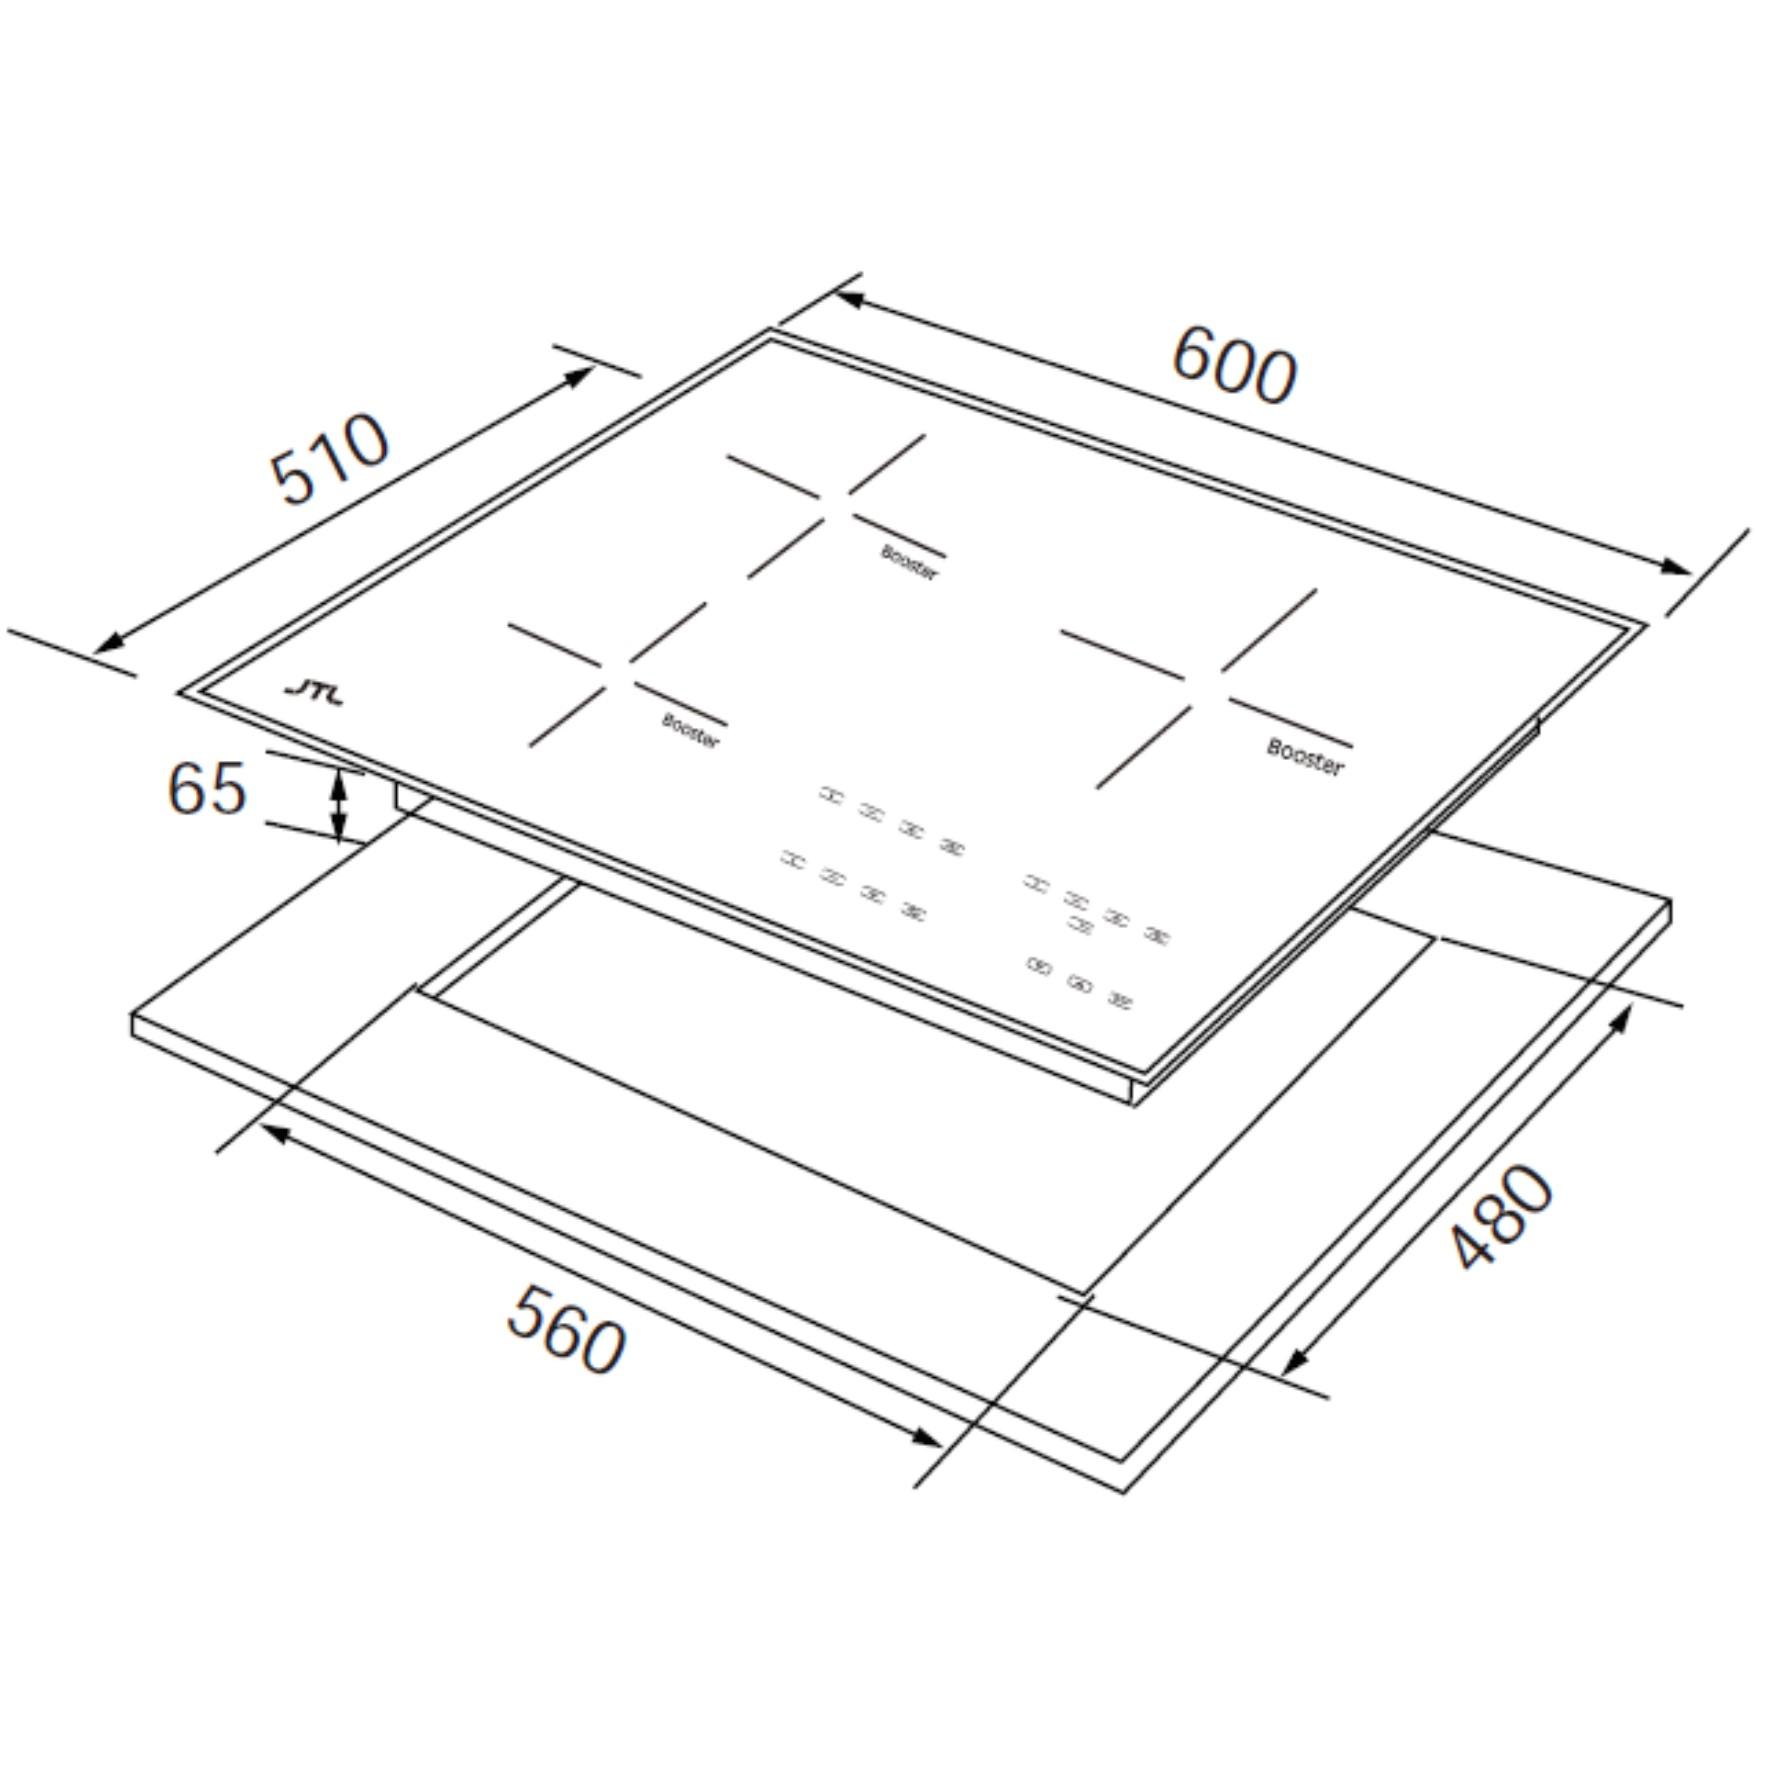 JT-IH338R 智能連動微晶調理爐(即將上市)-JT-IH338R